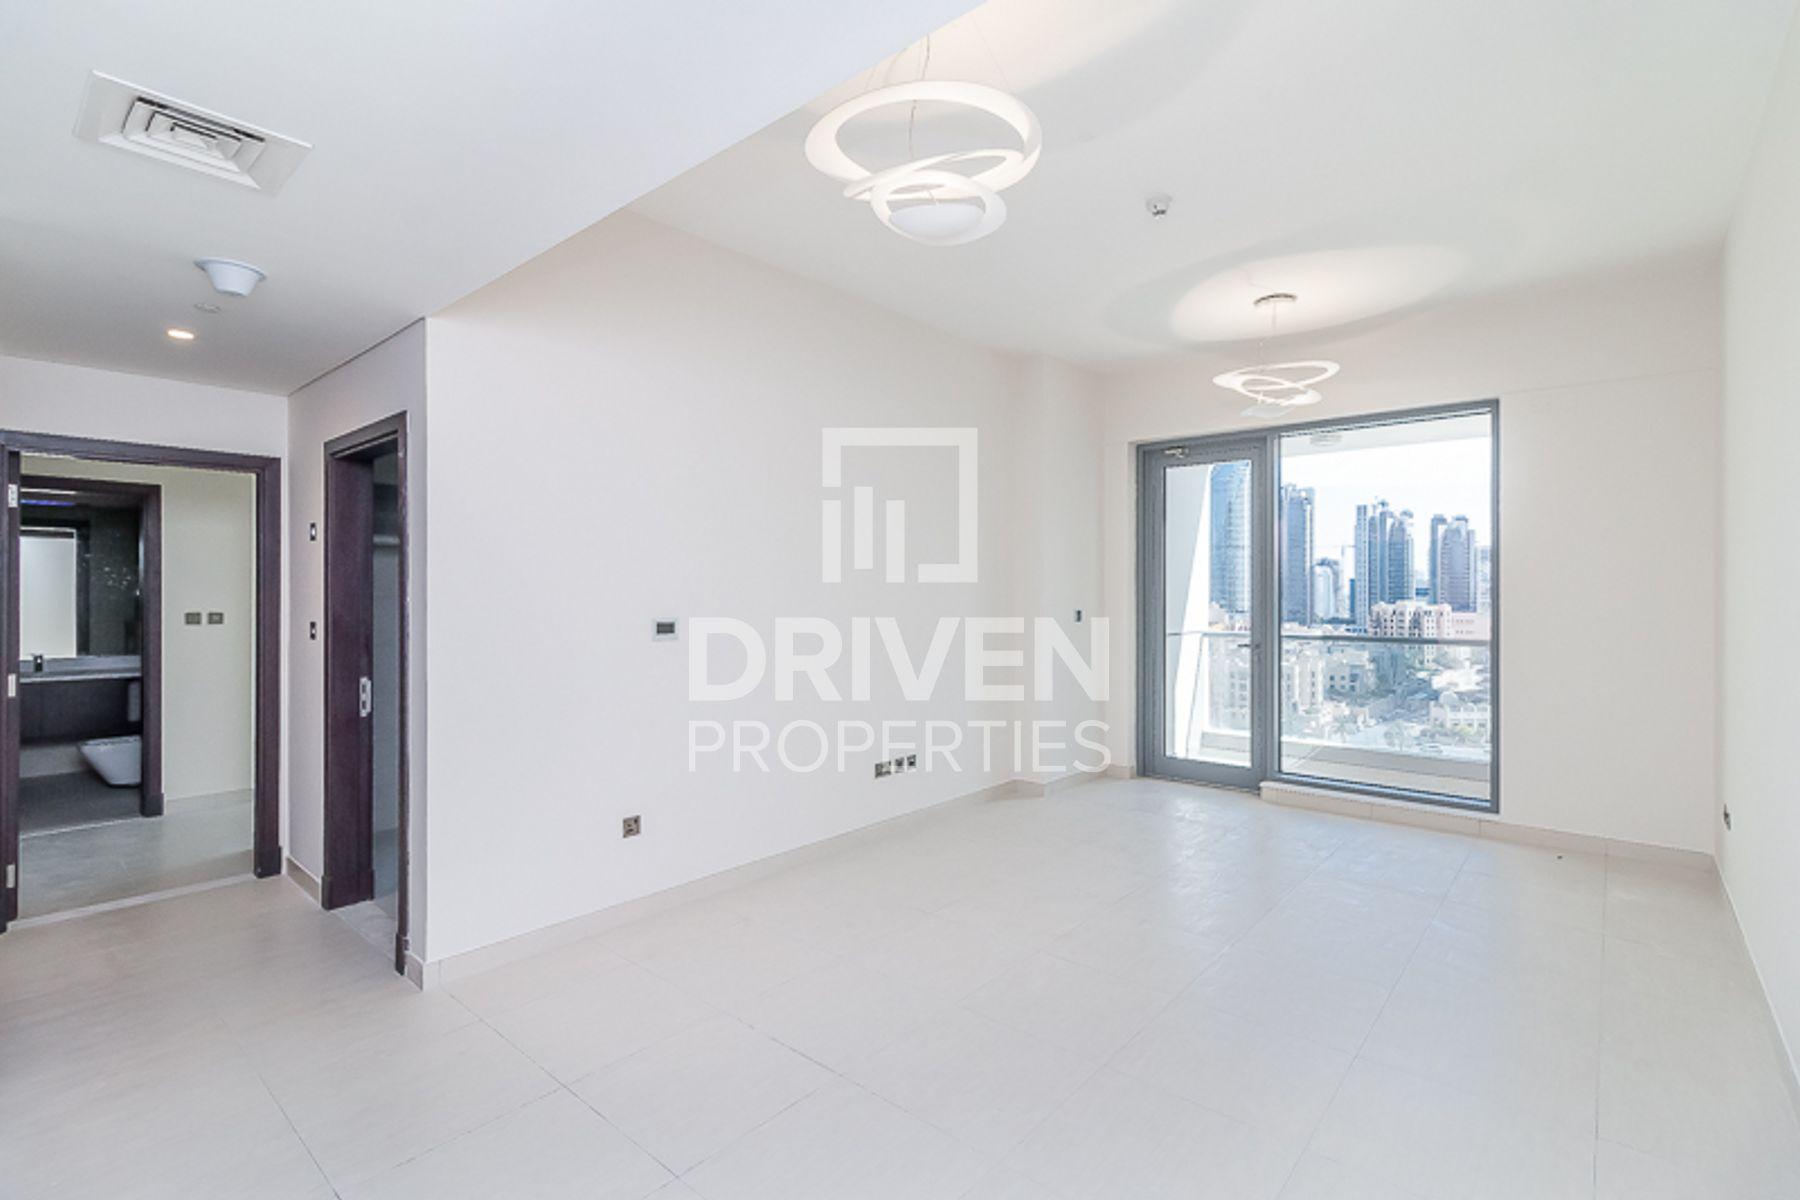 980 قدم مربع  شقة - للايجار - دبي وسط المدينة